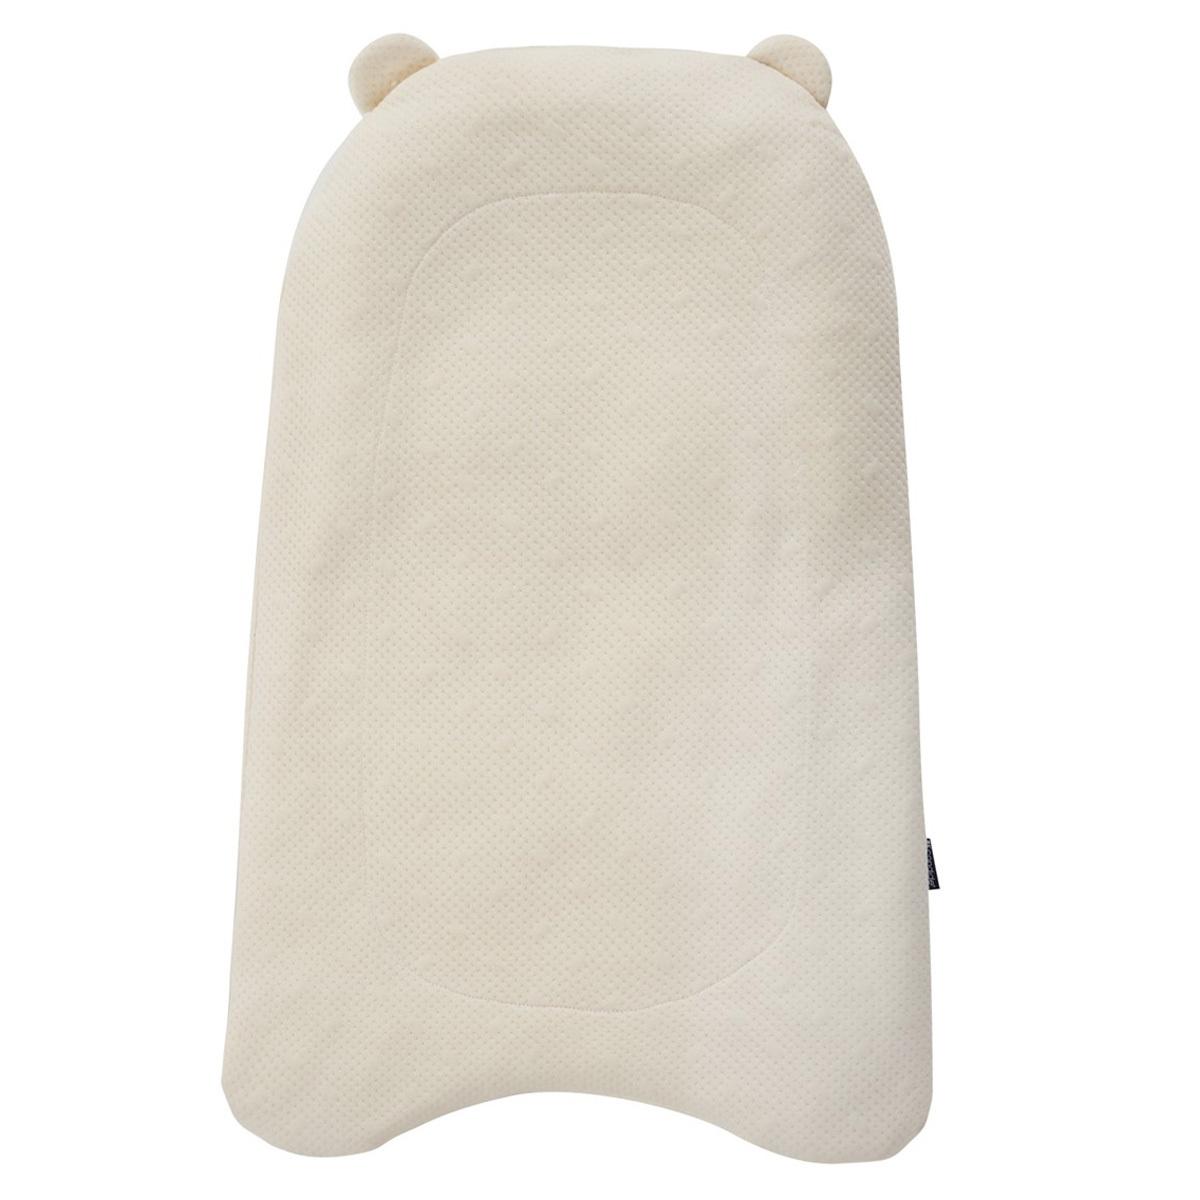 Cale-bébé Support de Sommeil Topponcino - Ecru Support de Sommeil Topponcino - Ecru